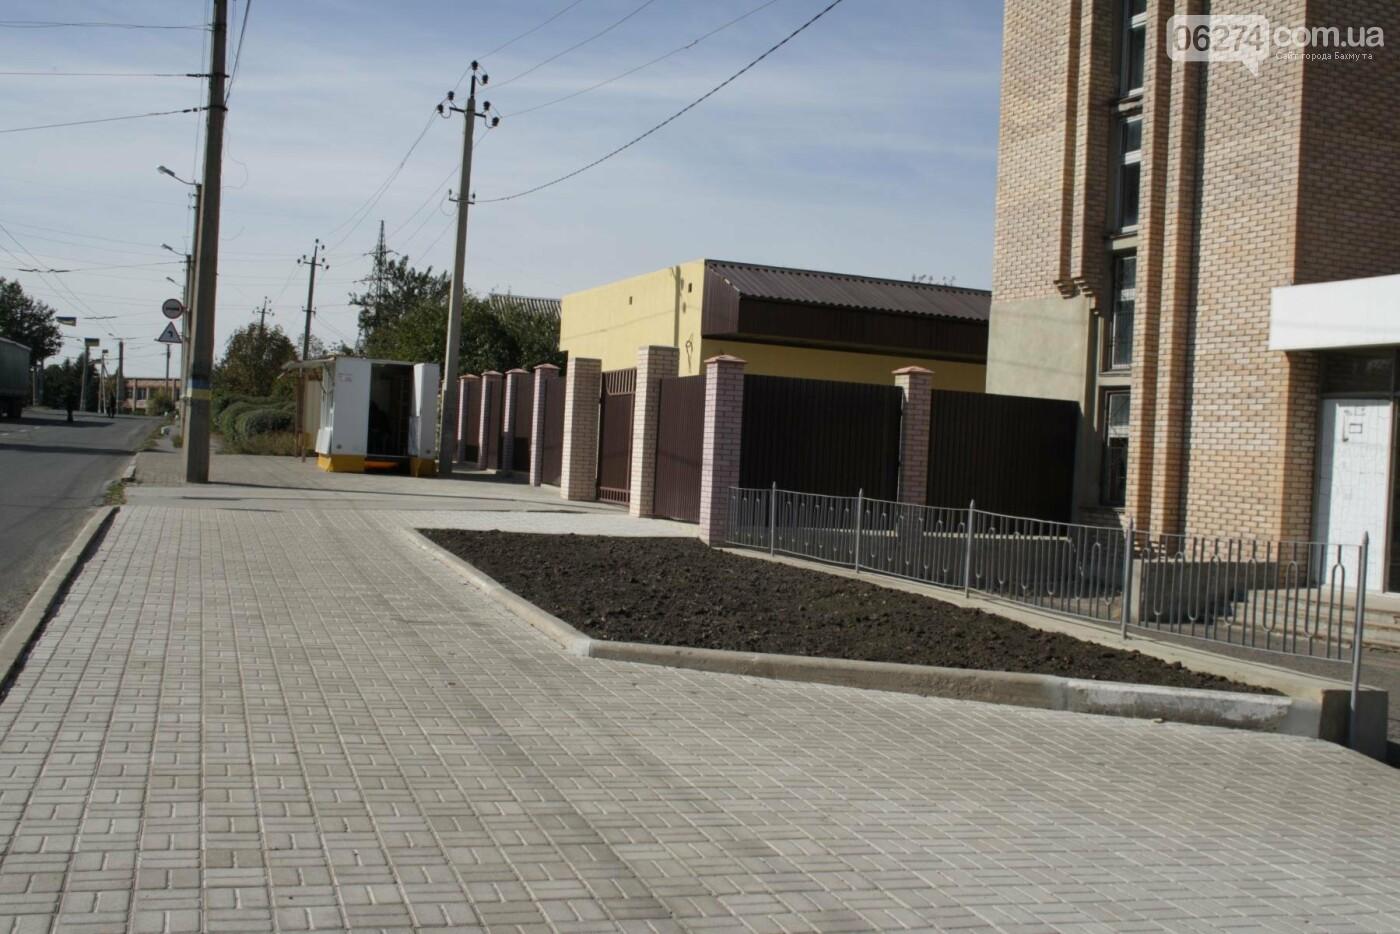 В Бахмуте продолжаются работы по инфраструктурным проектам и благоустройству города, фото-14